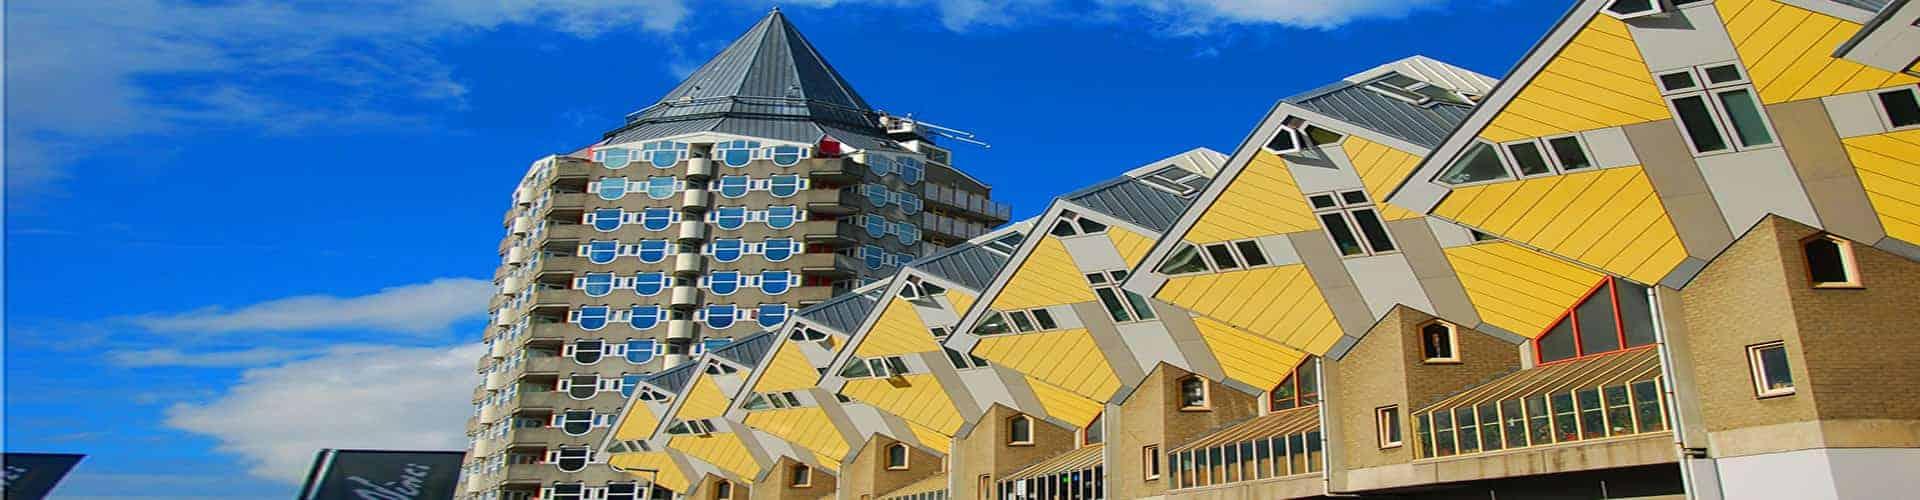 Free Tour Rotterdam - Turismo Países Bajos